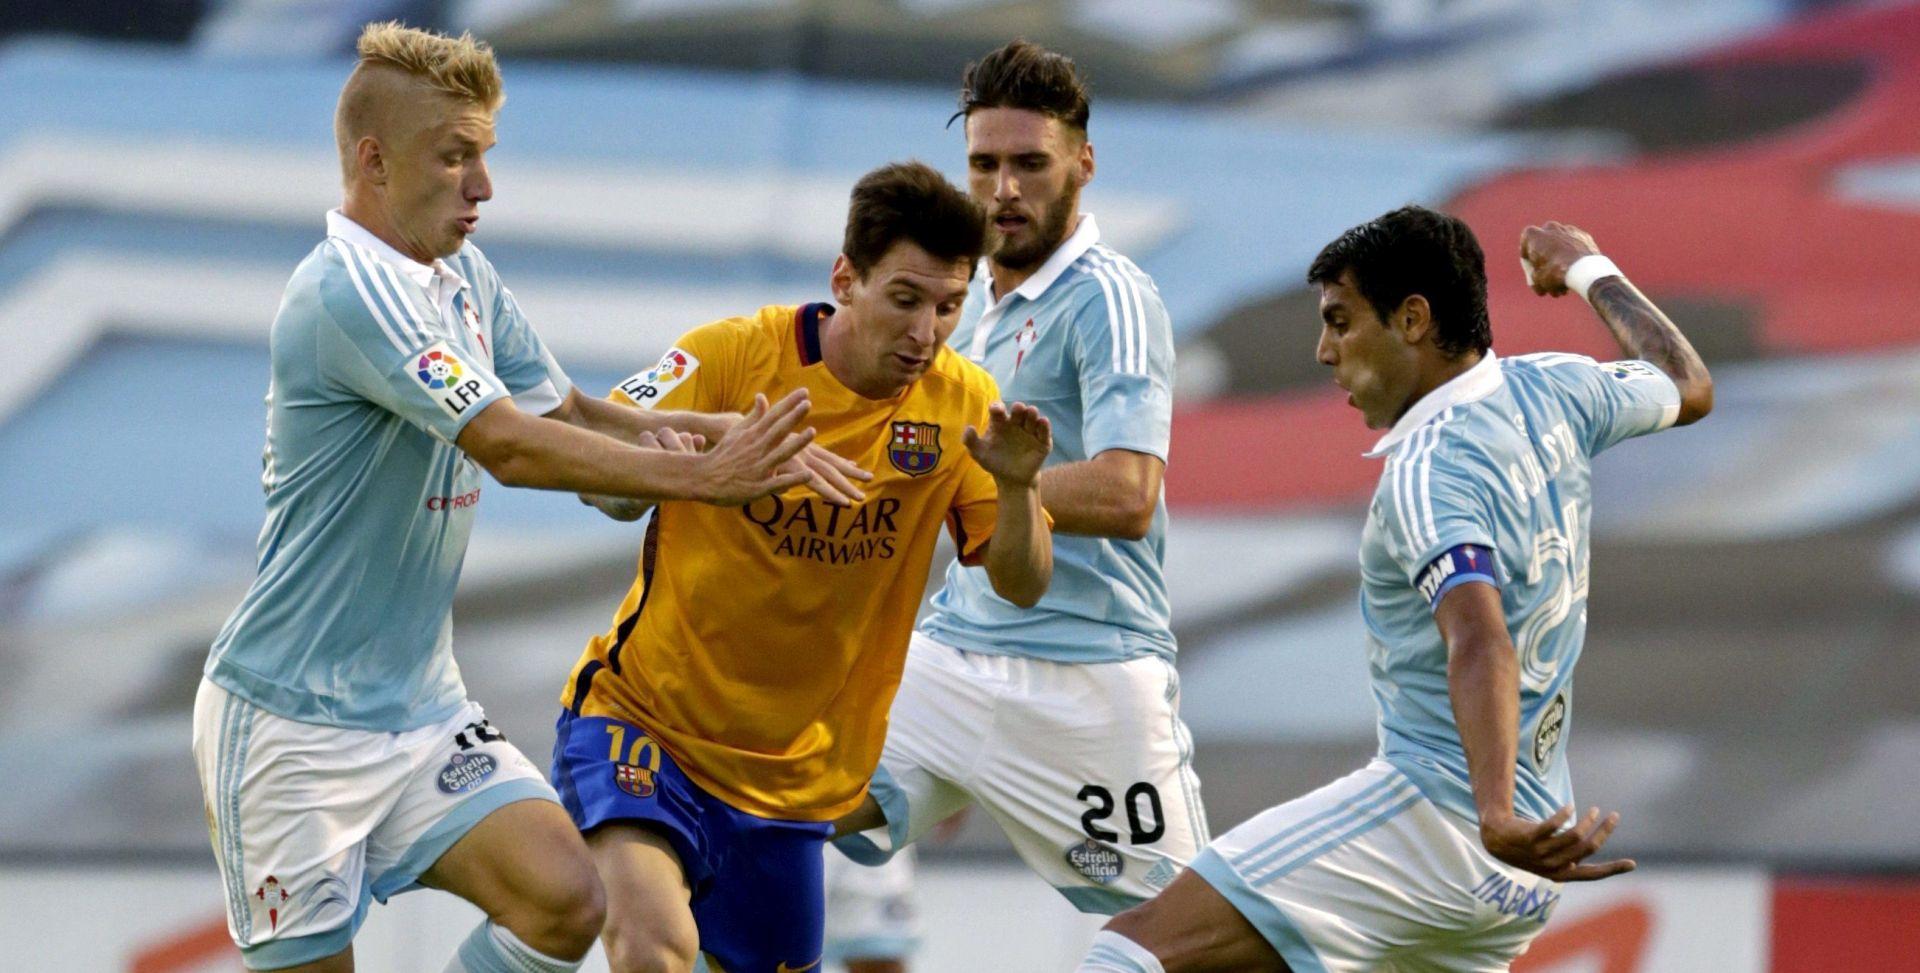 POVRATAK ZA TRI TJEDNA Messi: Nema natjecanja između mene i Cristiana, igram za svoju momčad